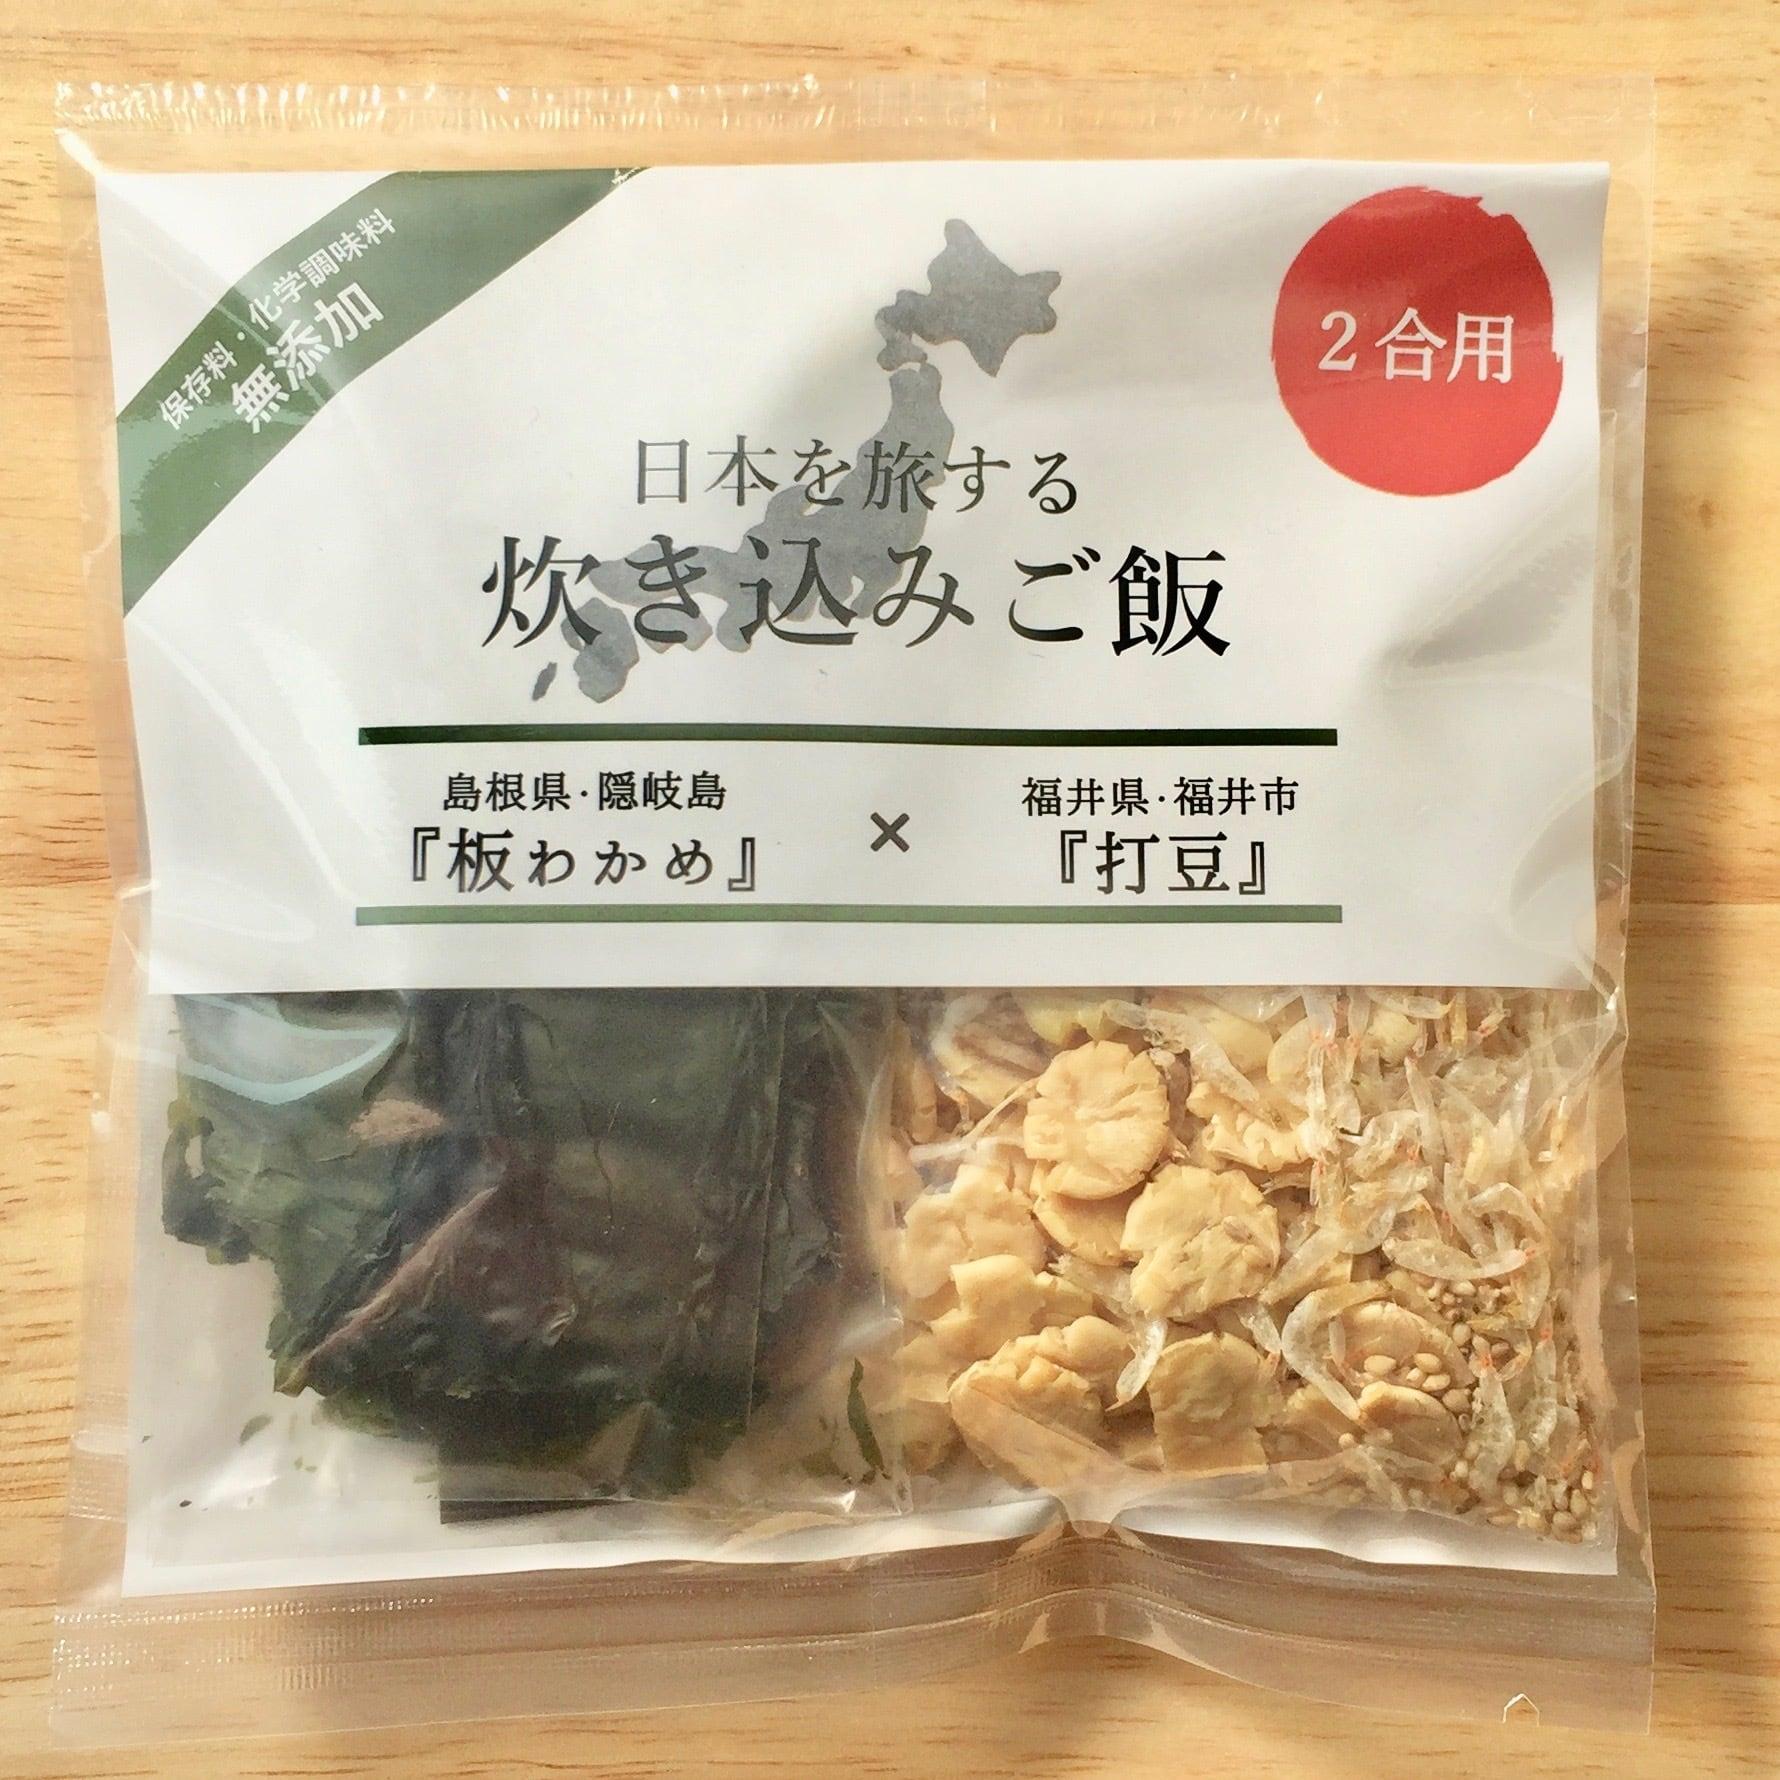 日本を旅する『炊き込みご飯』板わかめ×打豆